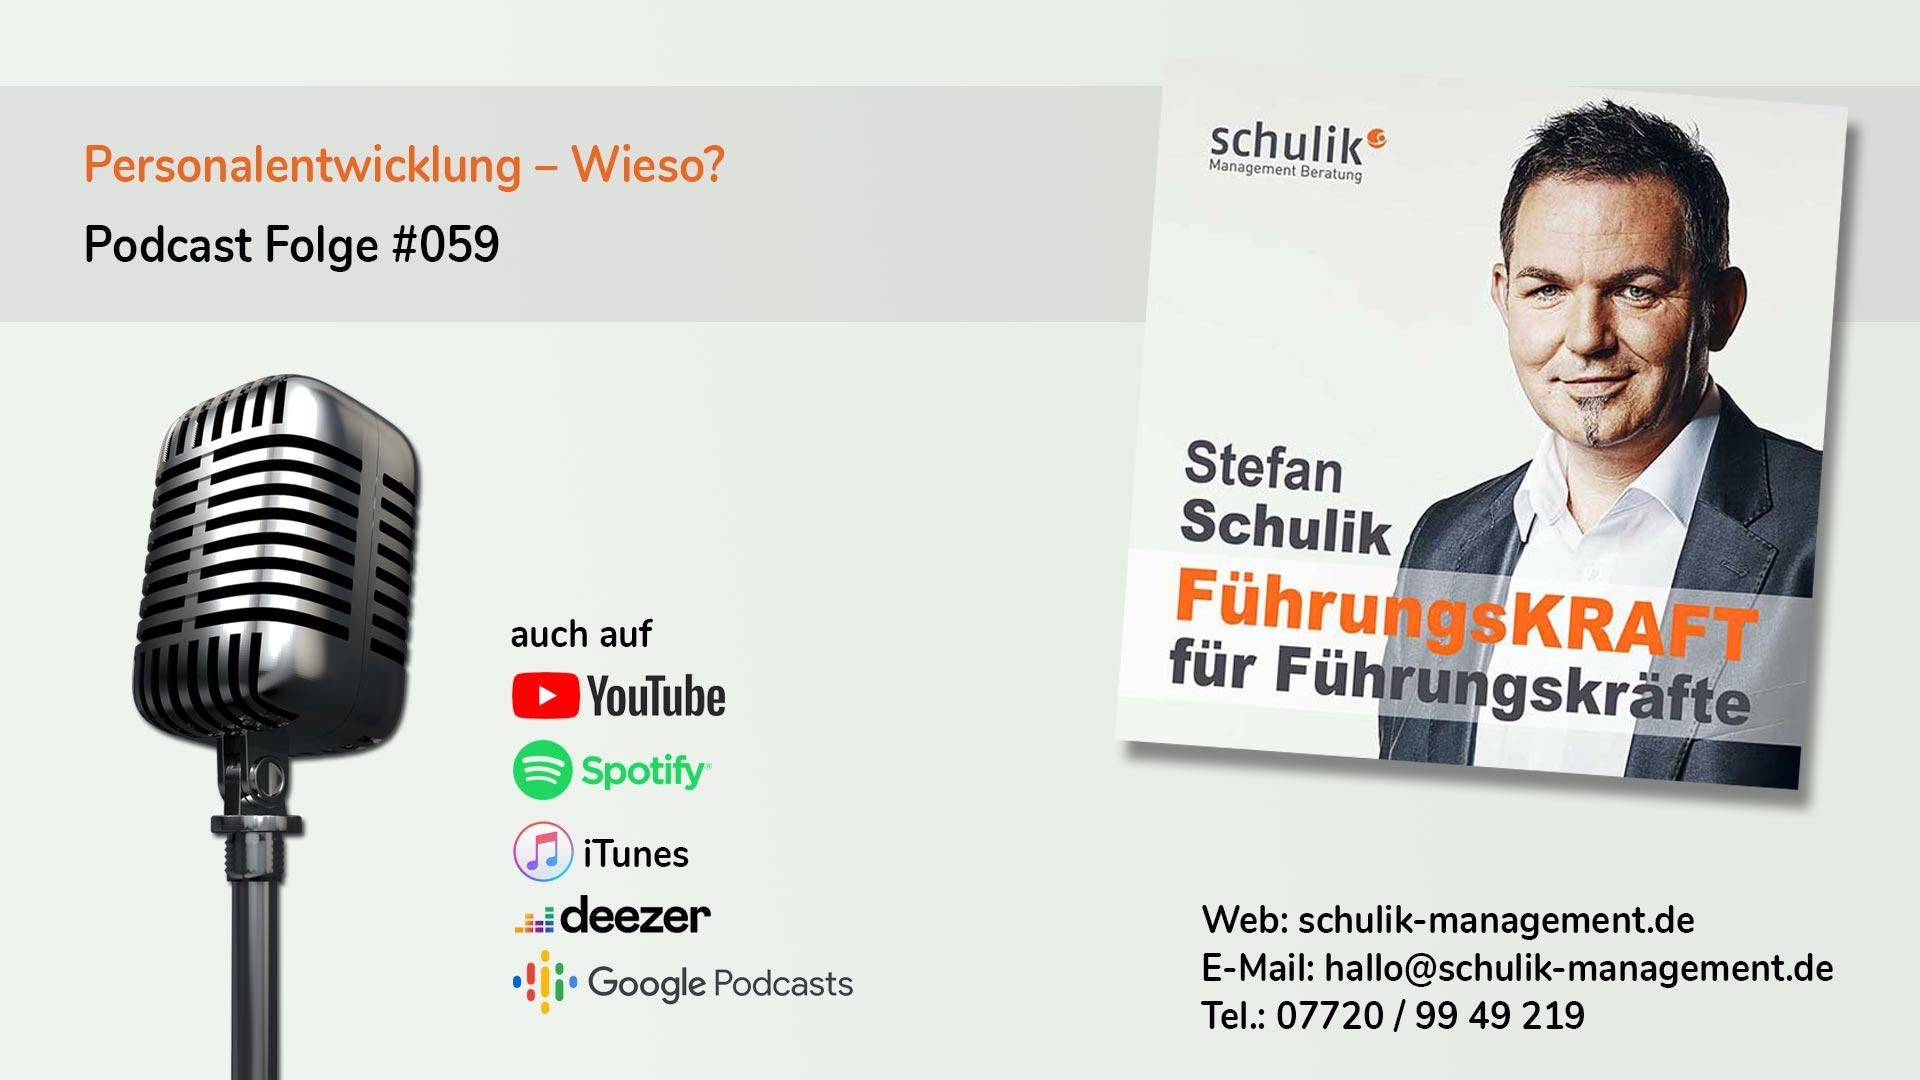 Personalentwicklung Wieso Und Worauf Es Ankommt – Podcast Folge #059